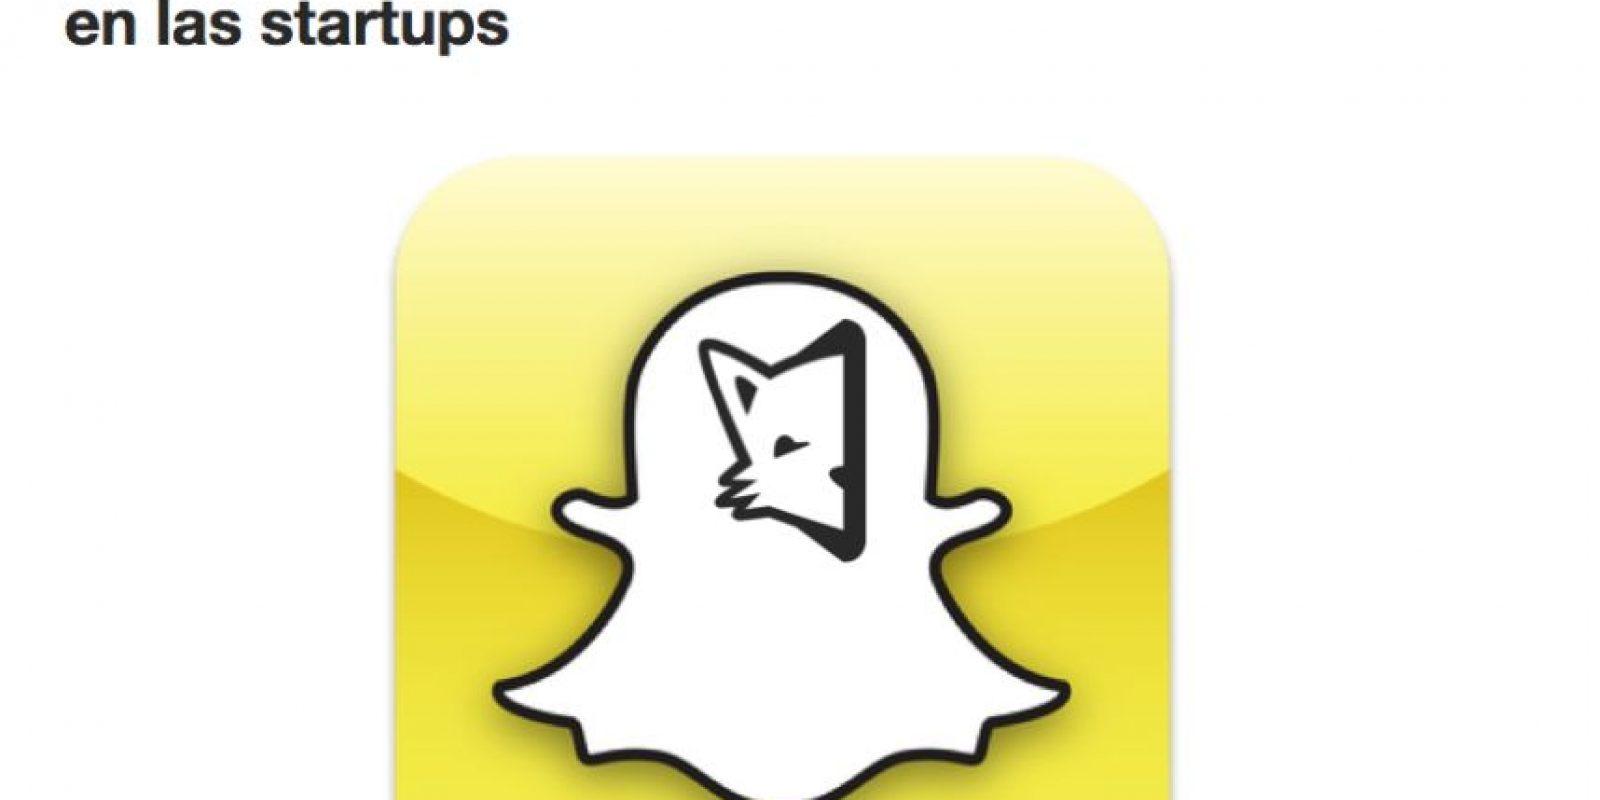 Snapchat consiguió mejorar los passwords y seguridad en servidores, pero su mala fama aún permanece entre los usuarios. Foto:http://blog.perpetuall.net/